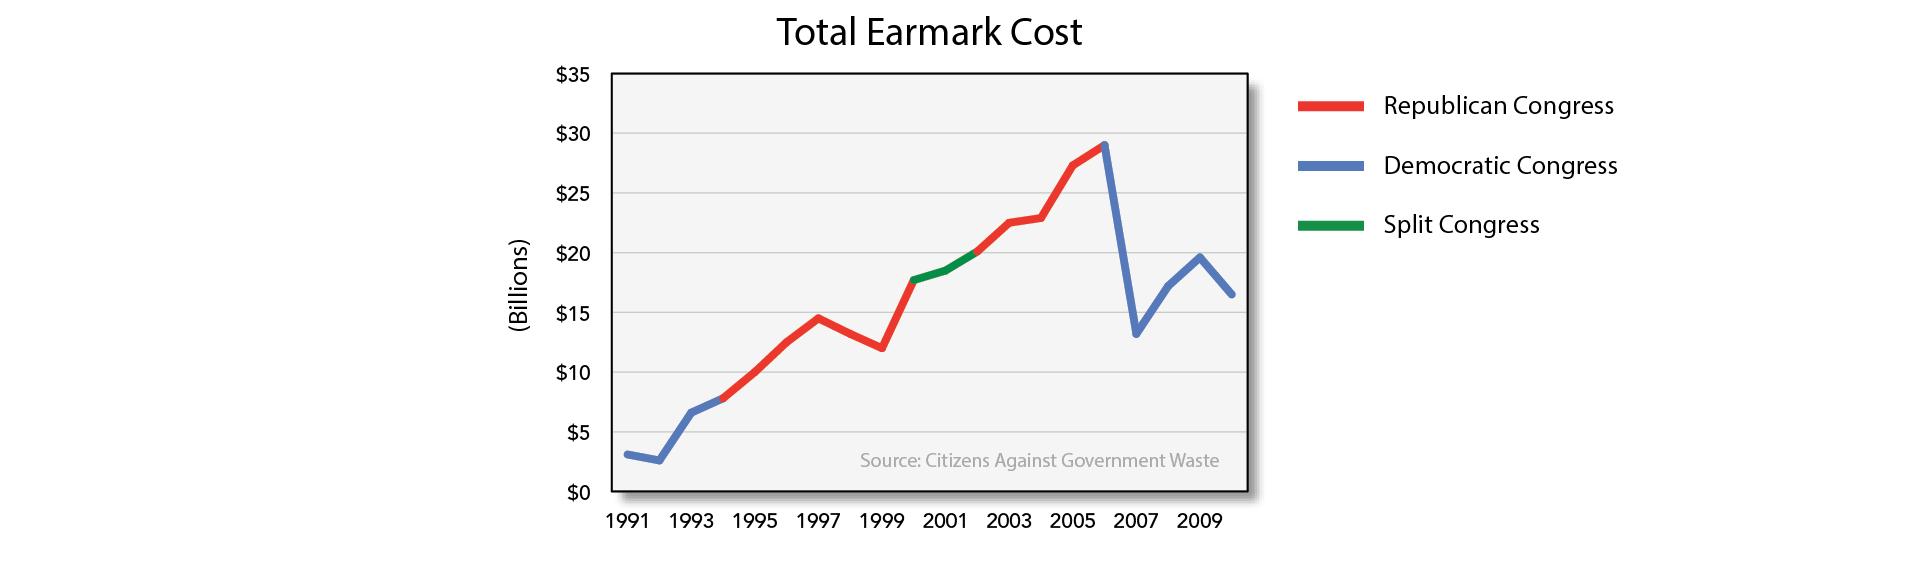 Total Earmark Cost